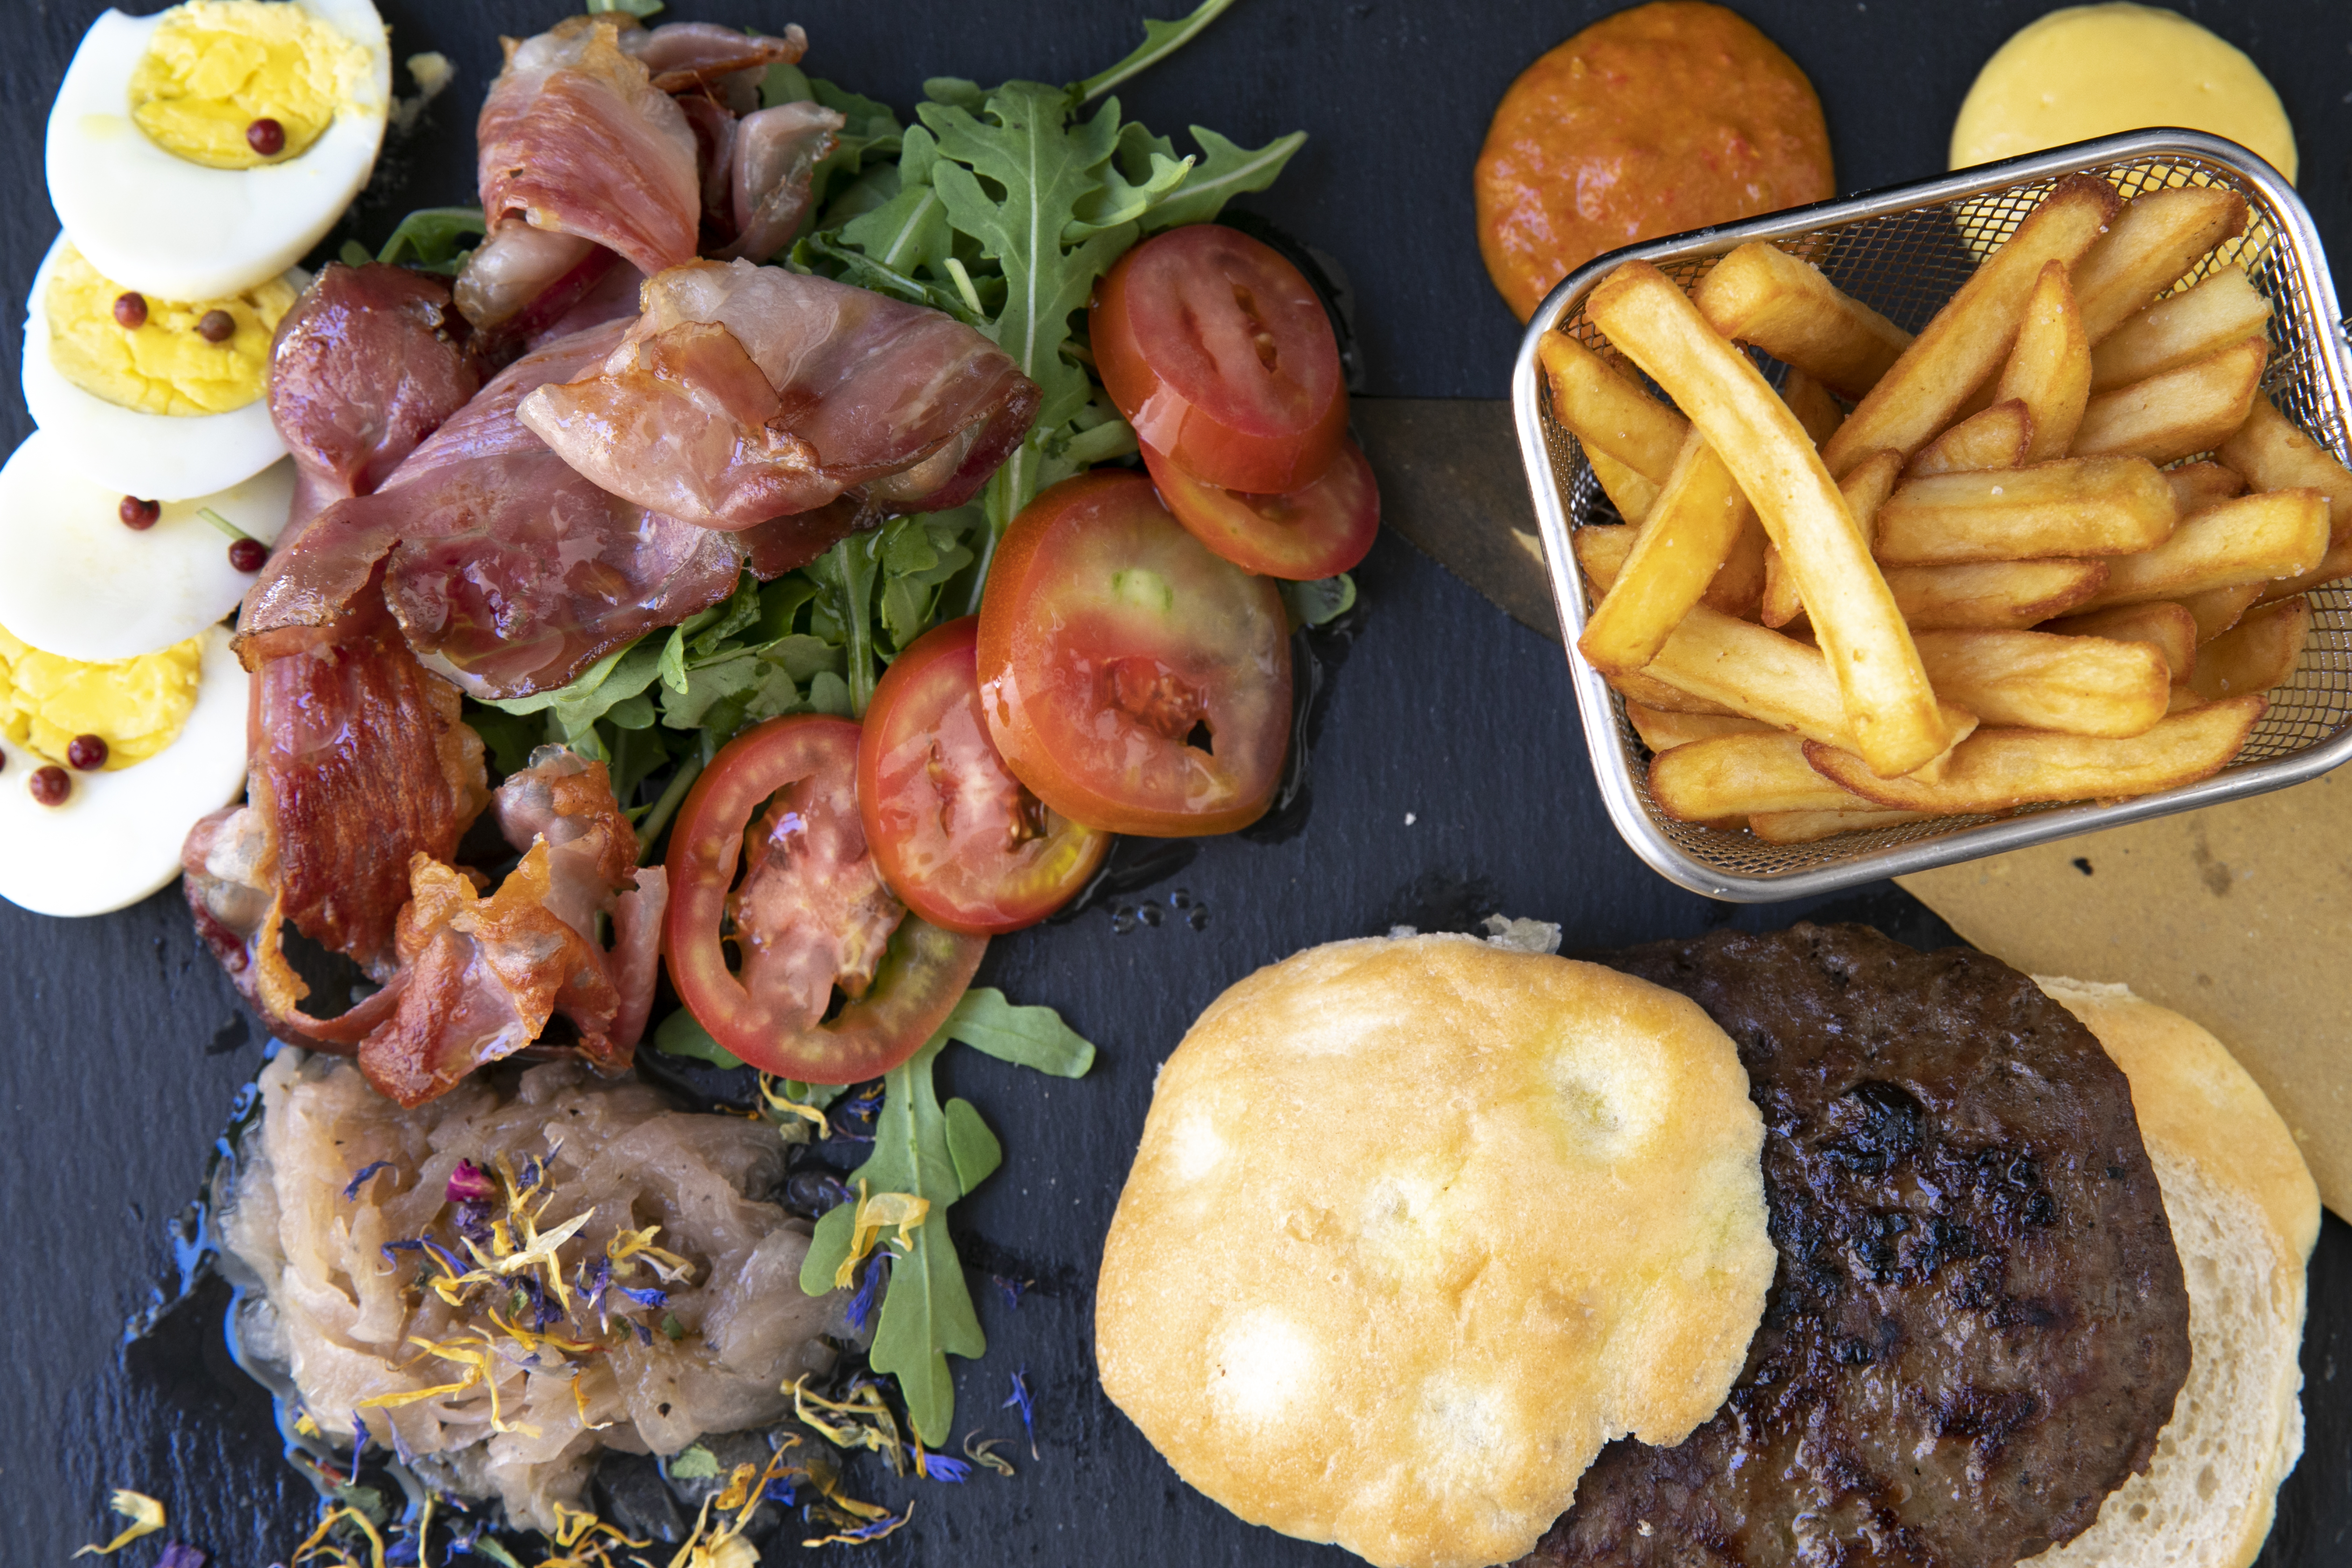 Hamburger scomposto di carne 12€